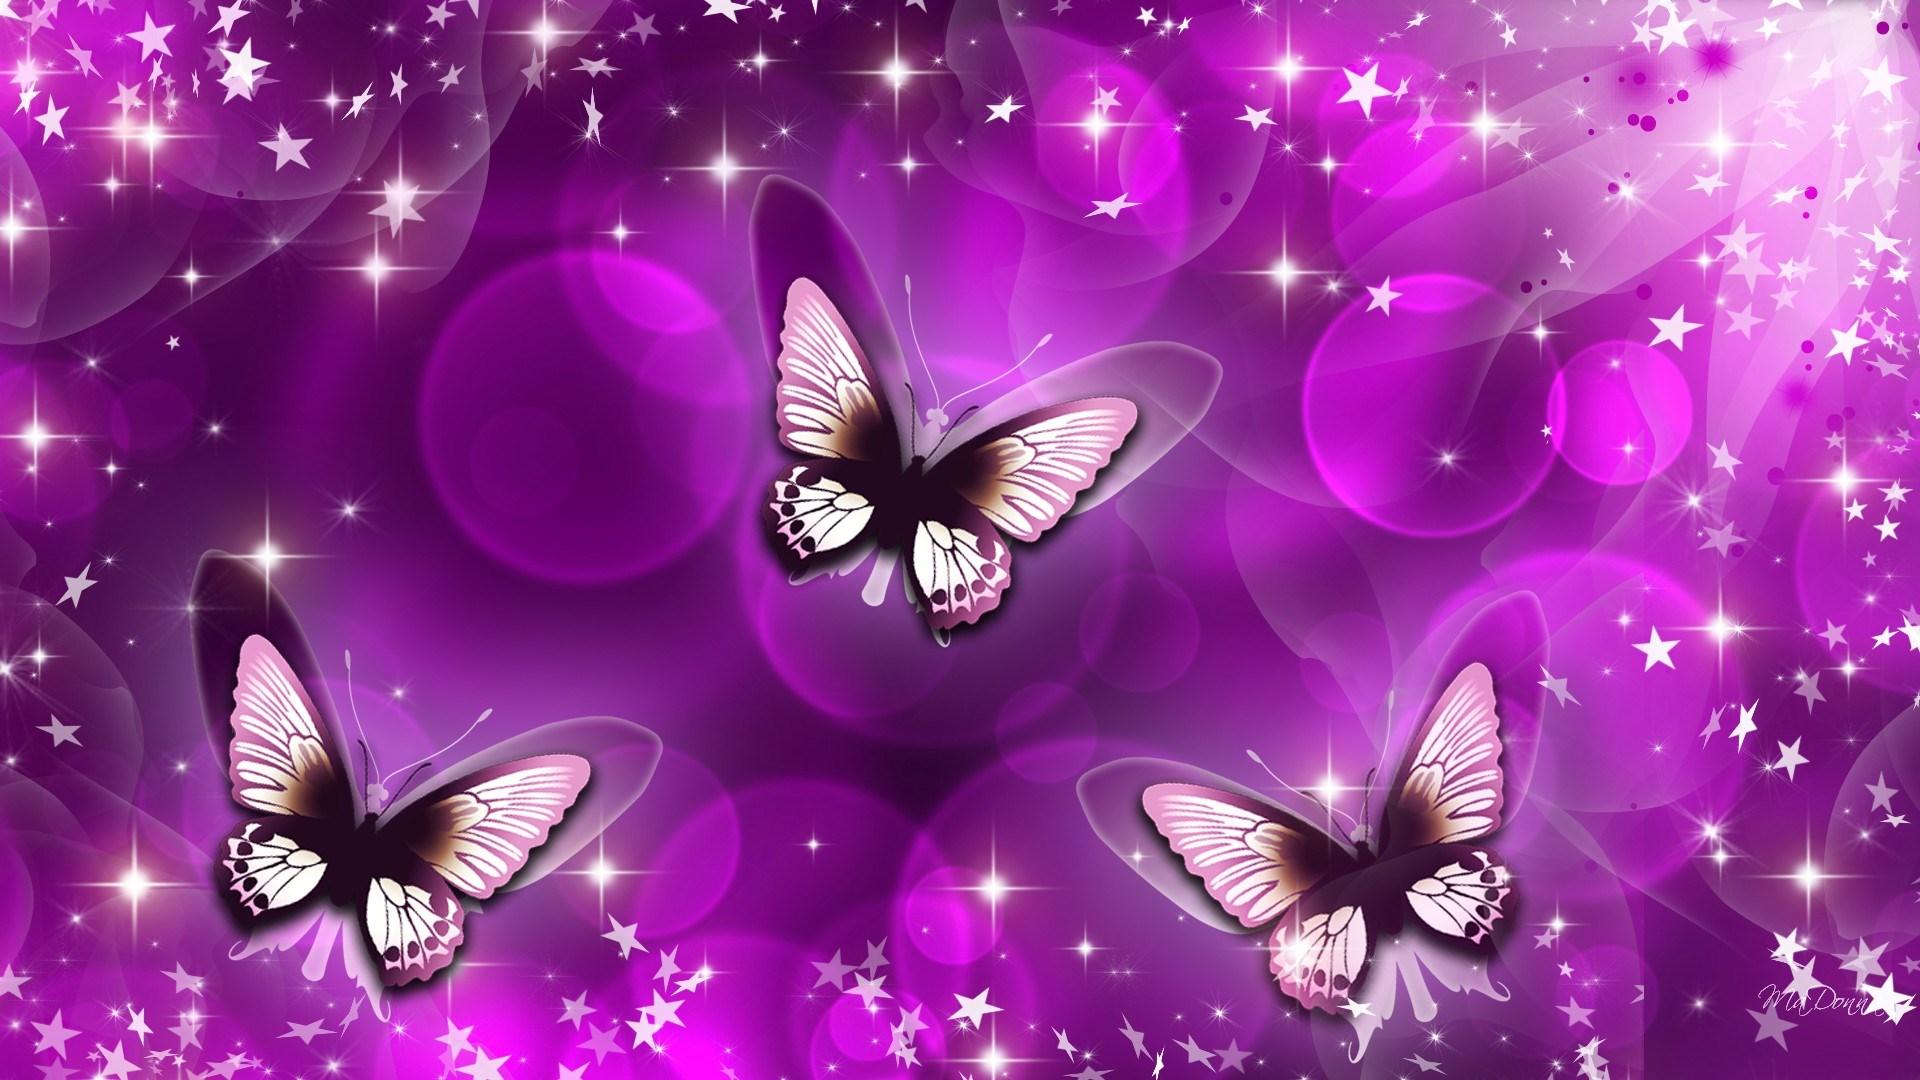 Скачать бесплатно обои бабочки на рабочий стол   подборка (16)